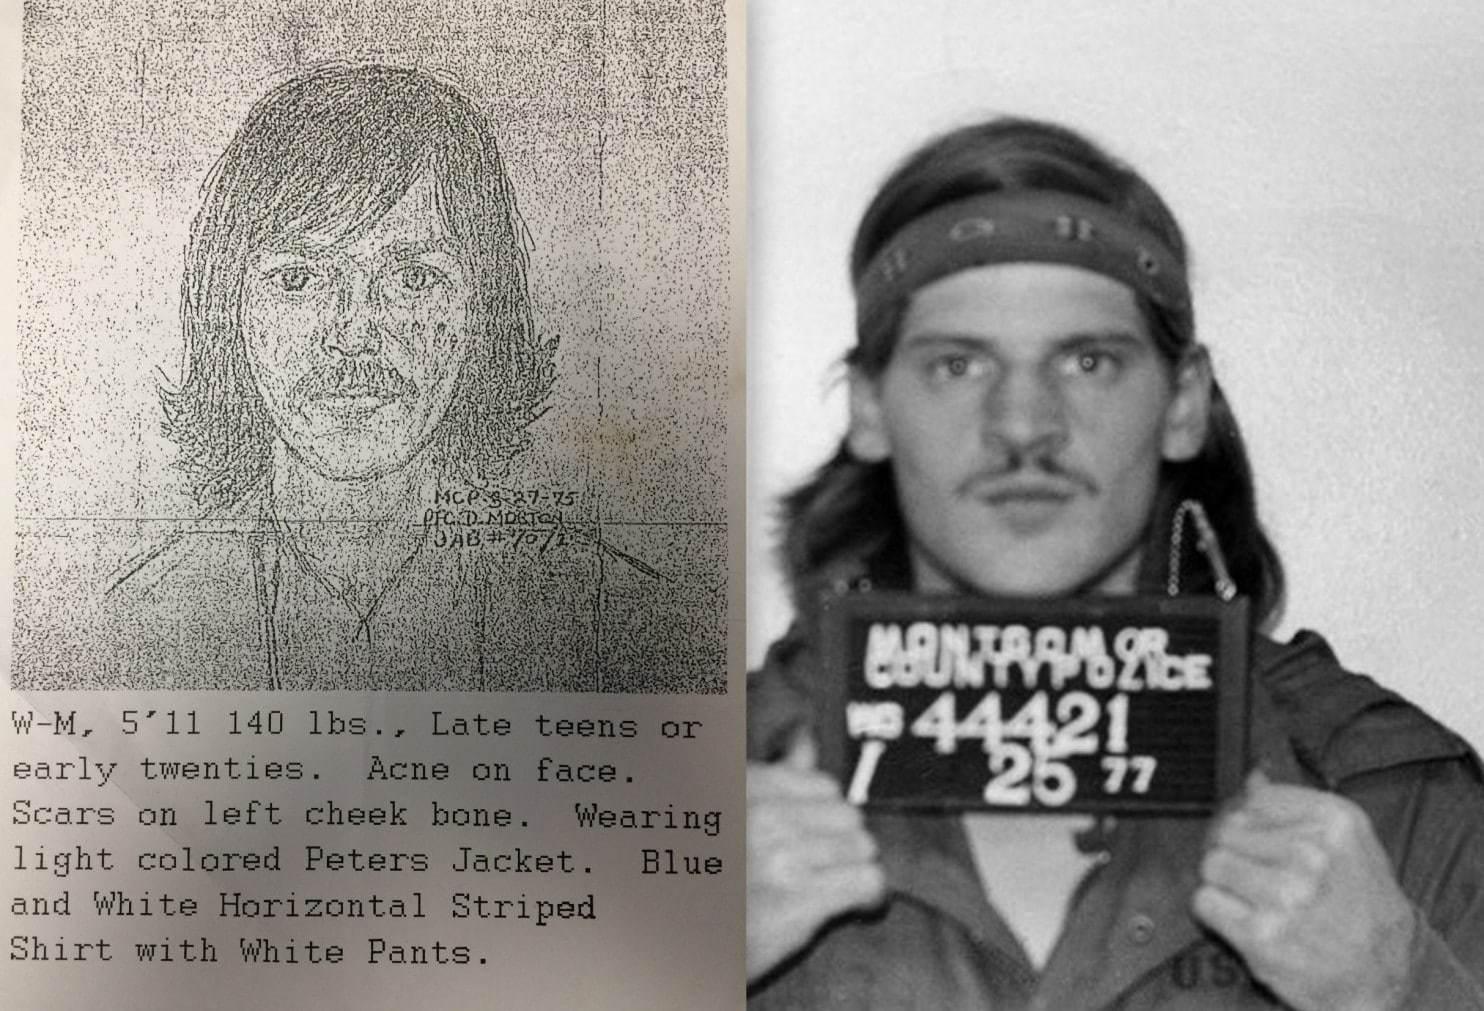 Спустя 42 года раскрыто преступление, потрясшее американский штат Мэриленд